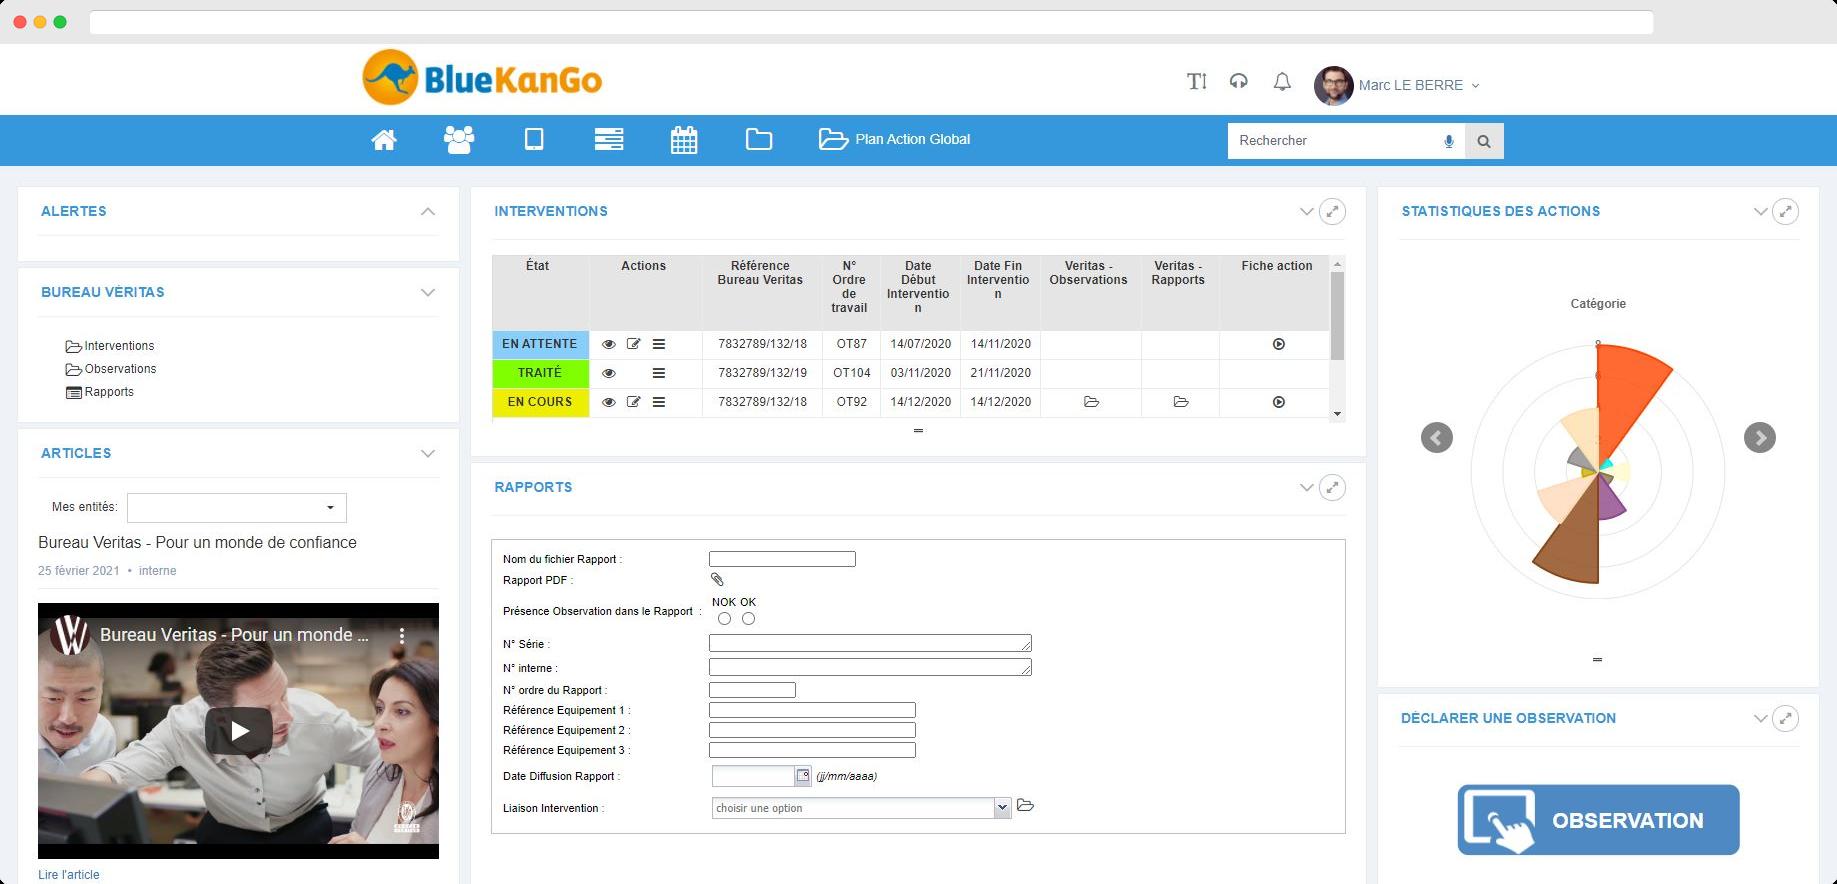 Capture d'écran Tableau de bord des rapports Bureau Véritas sur la plateforme BlueKanGo